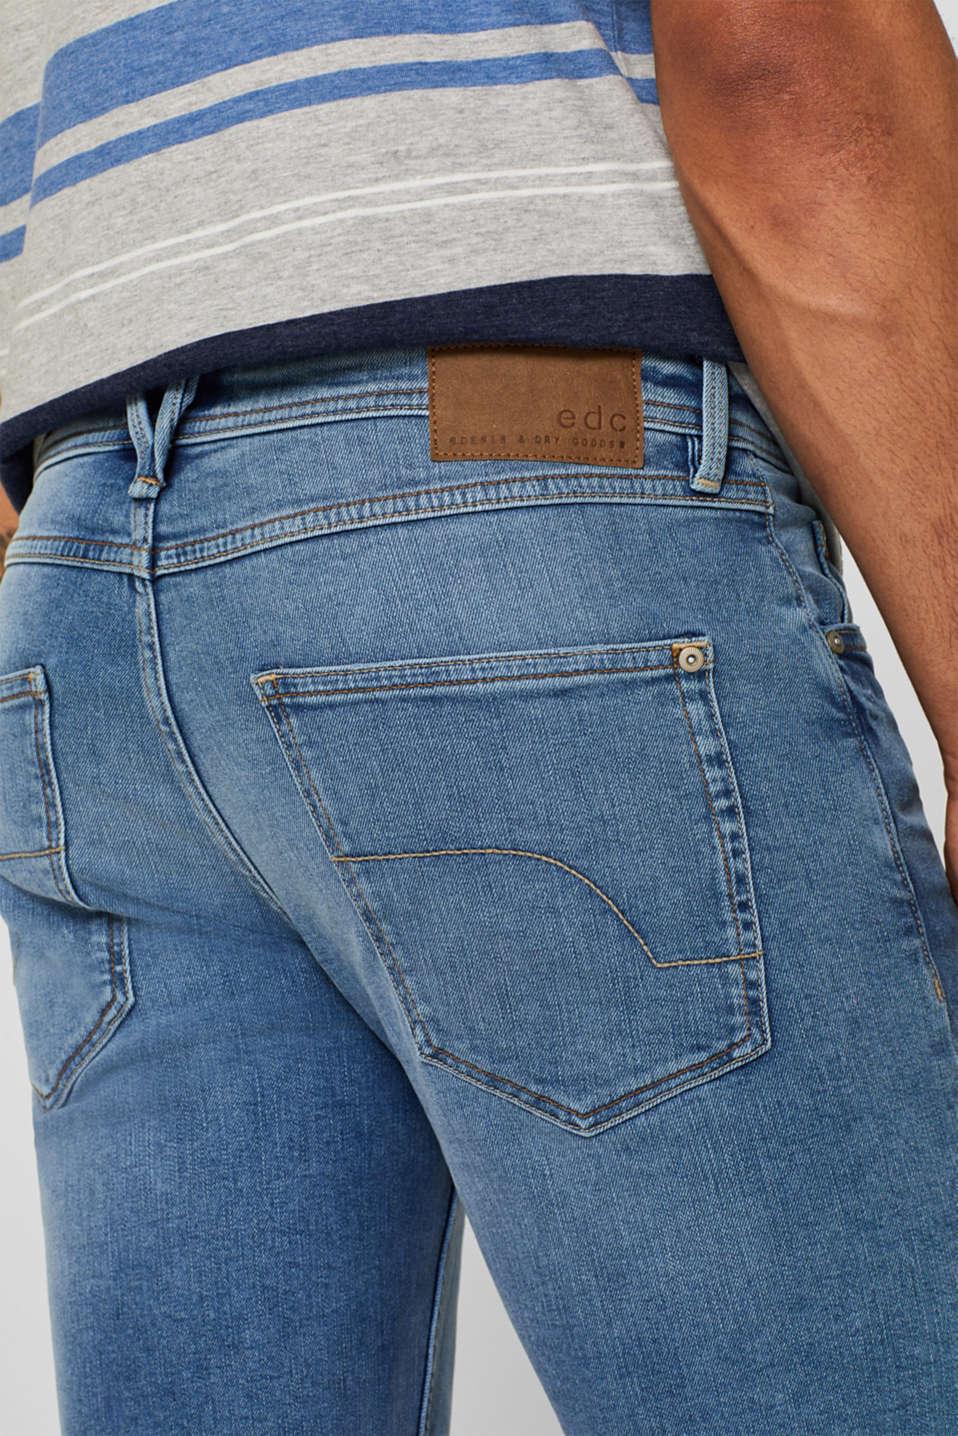 Shorts denim, BLUE LIGHT WASH, detail image number 2